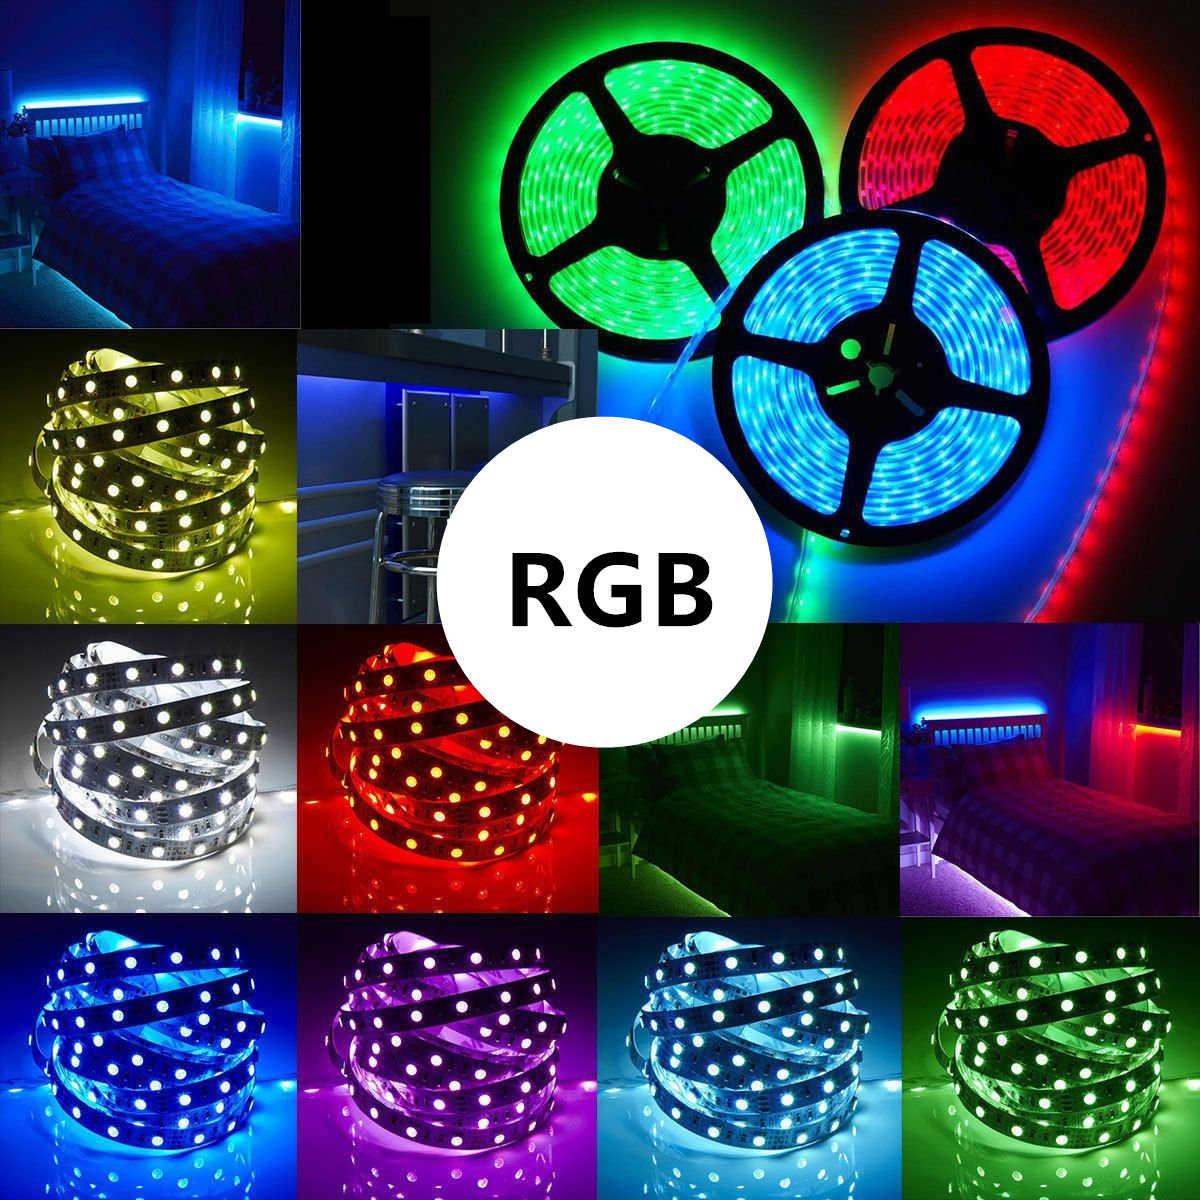 10 м 5 м RGB Светодиодные ленты 5 М 5050 SMD светодио дный свет ленты гибкая лента Водонепроницаемый ИК-пульт дистанционного управления Питание от напряжения постоянного тока 12 V адаптер полный комплект